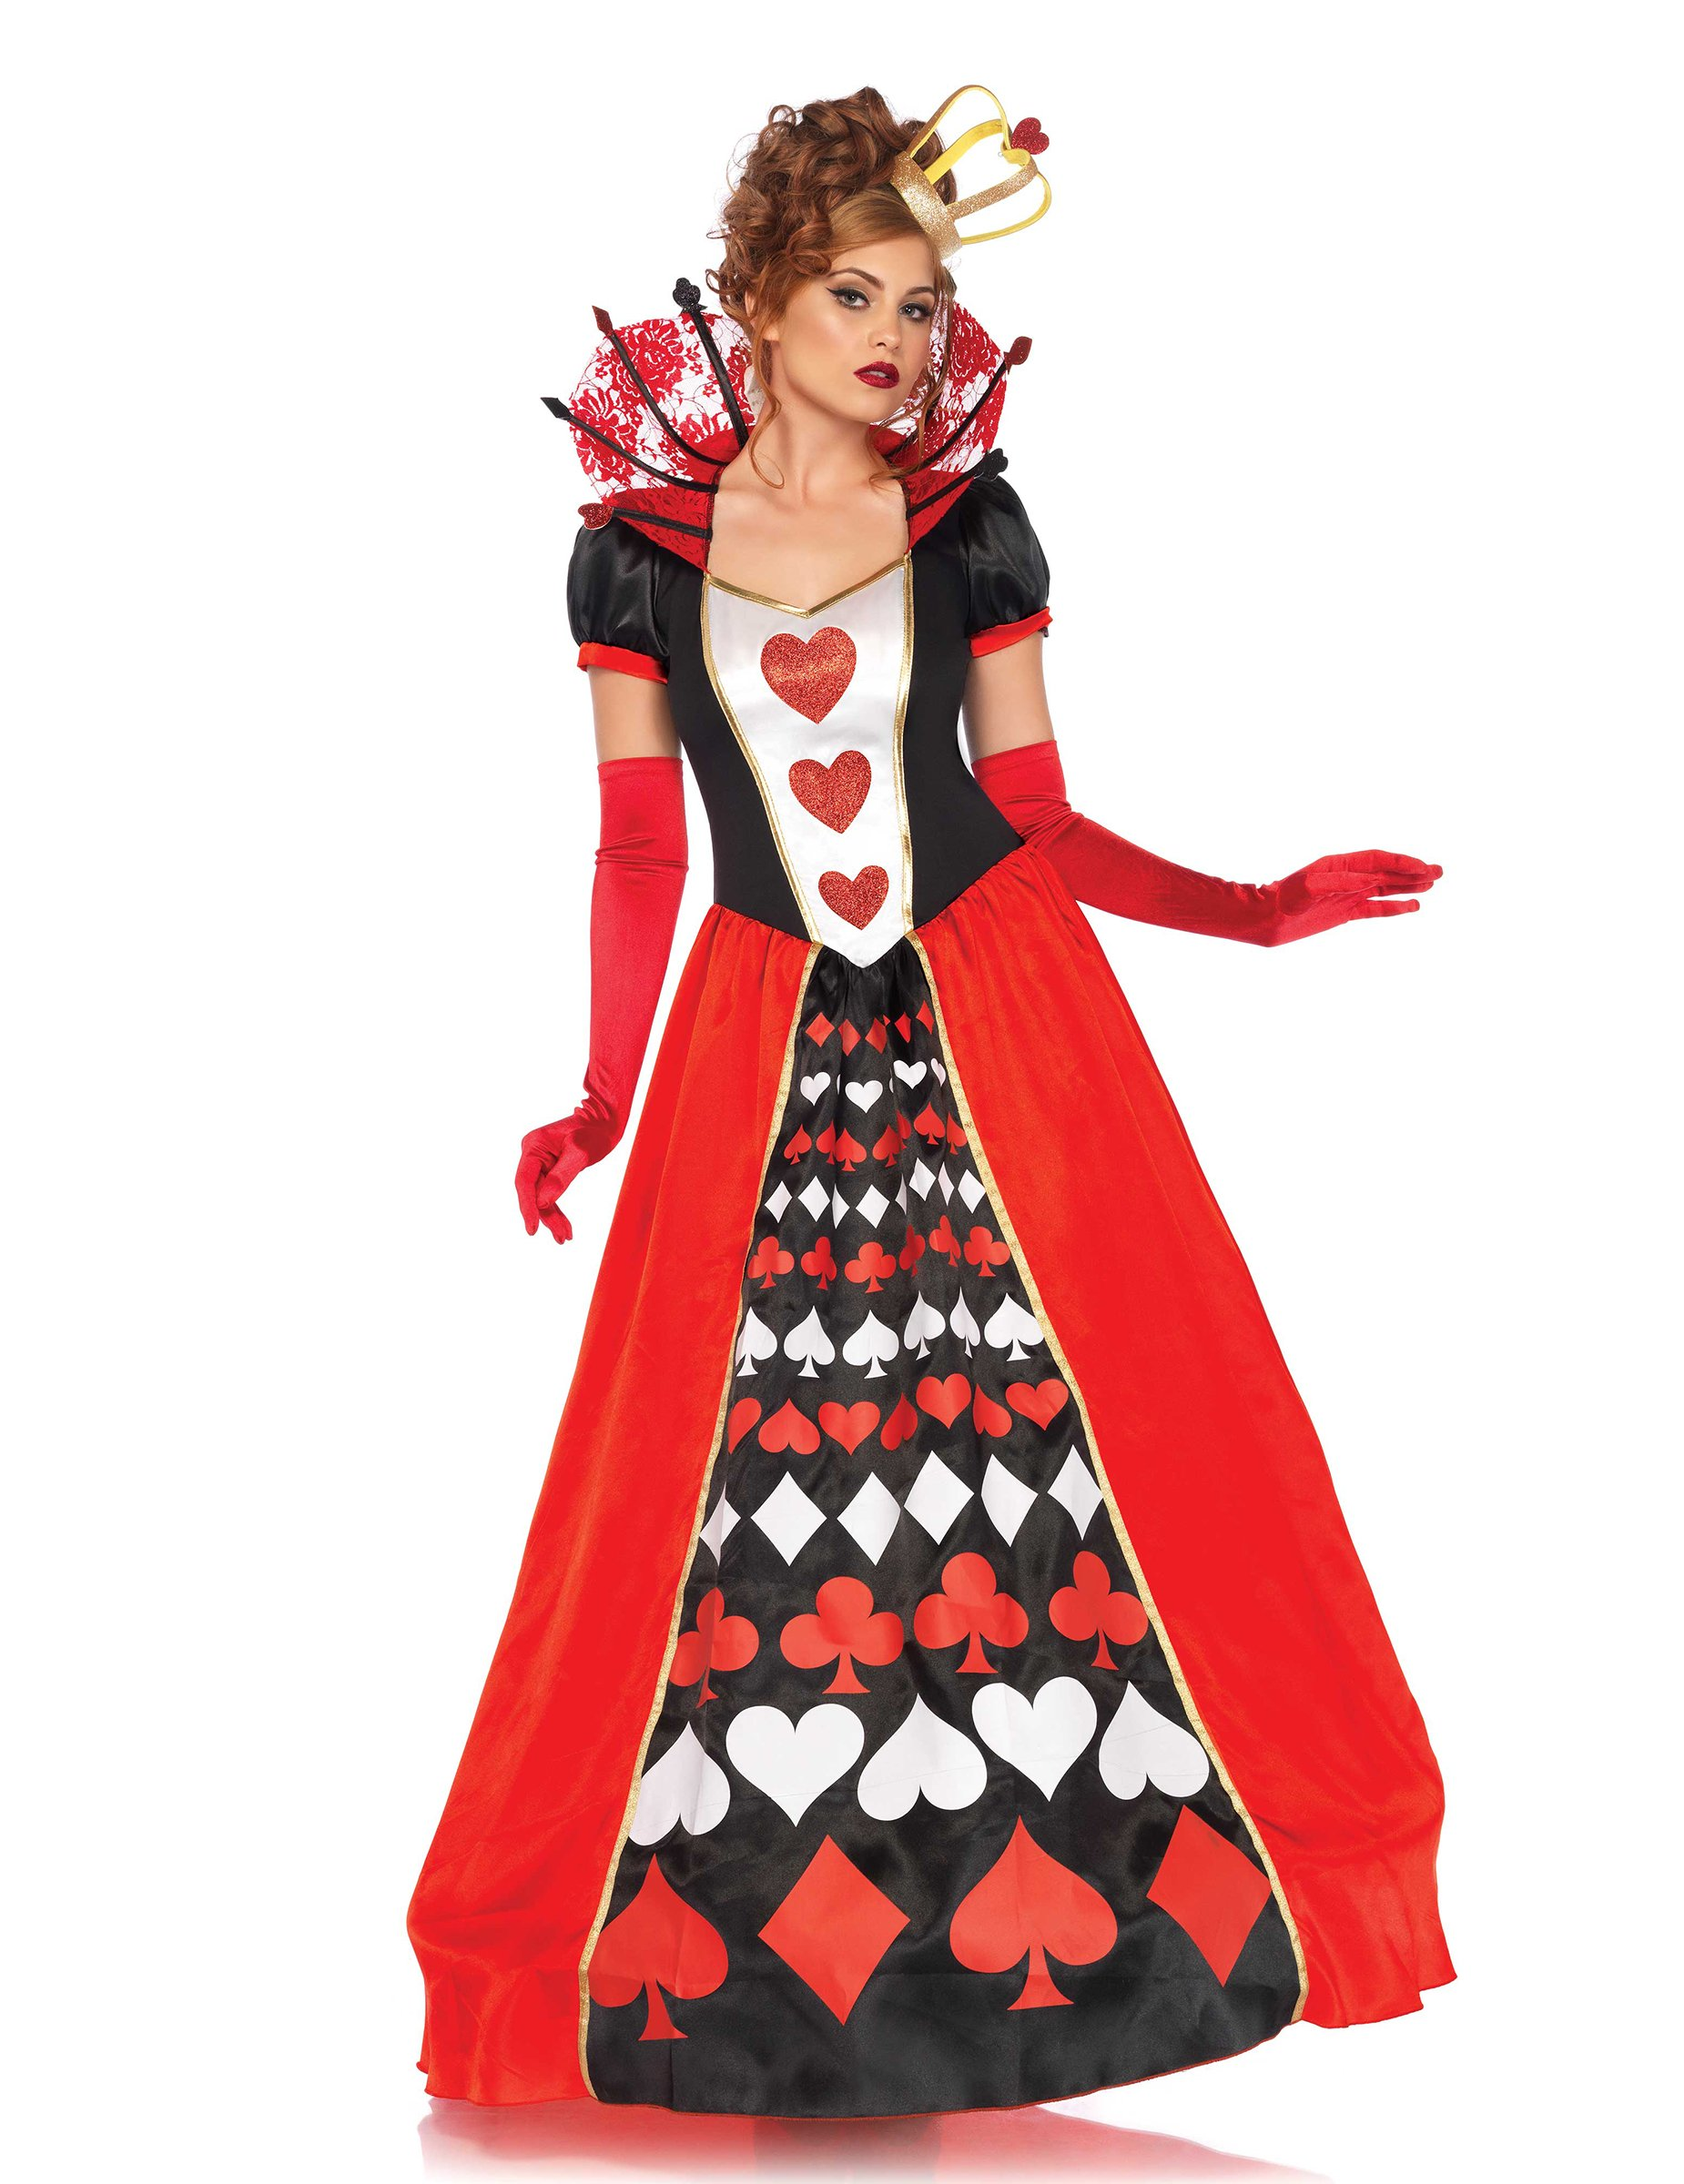 Generique – Disfraz Reina de Corazones Mujer